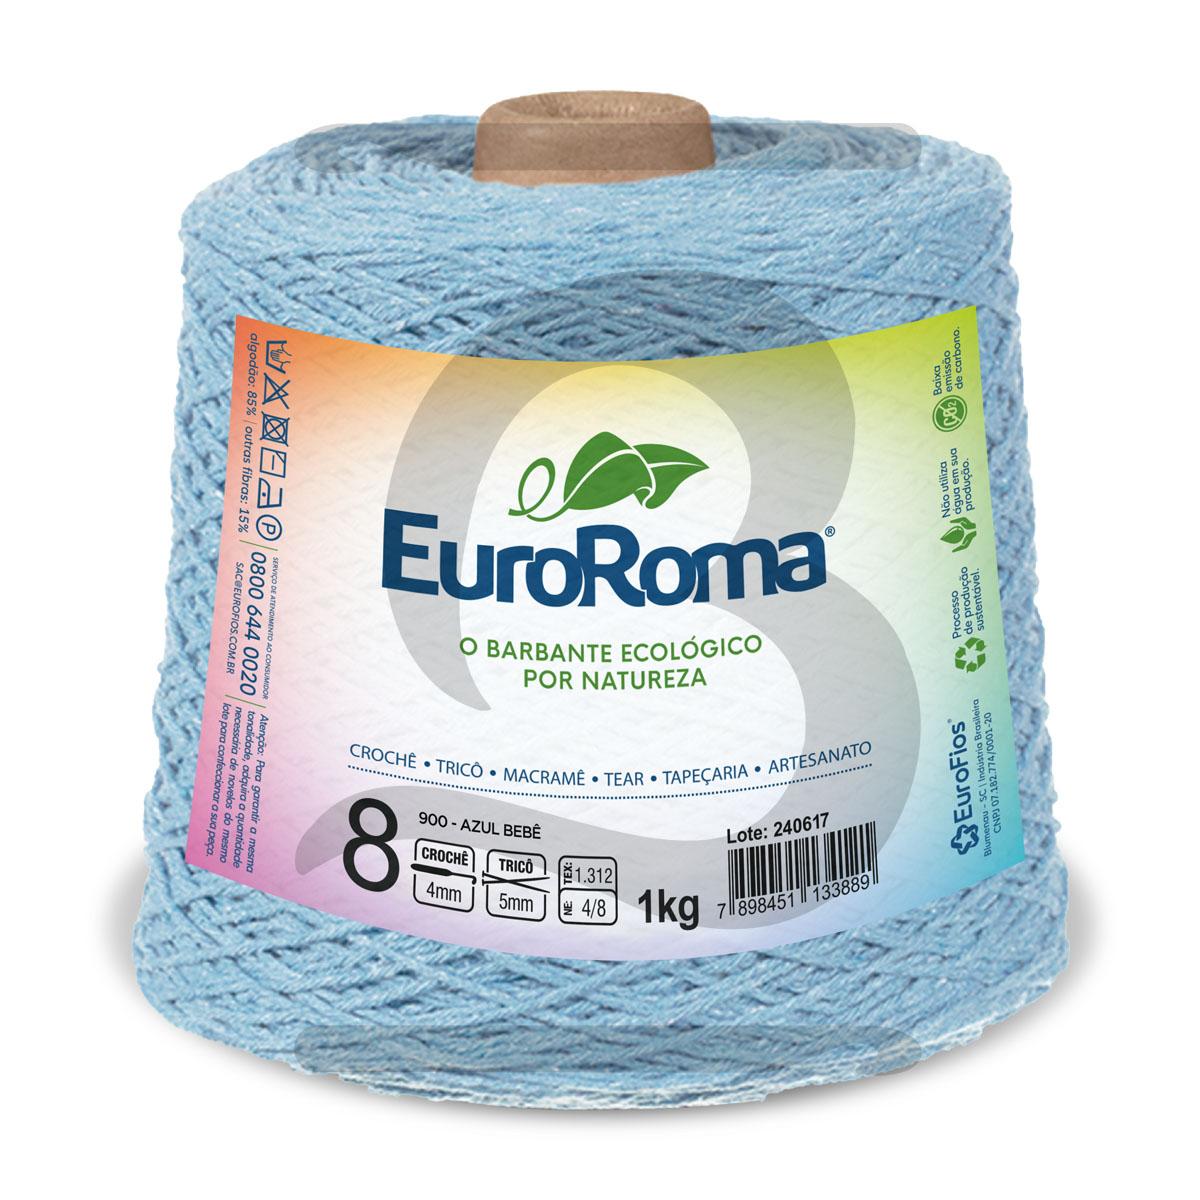 Barbante EuroRoma Colorido N°8 - 1kg Cor 900 Azul Bebê